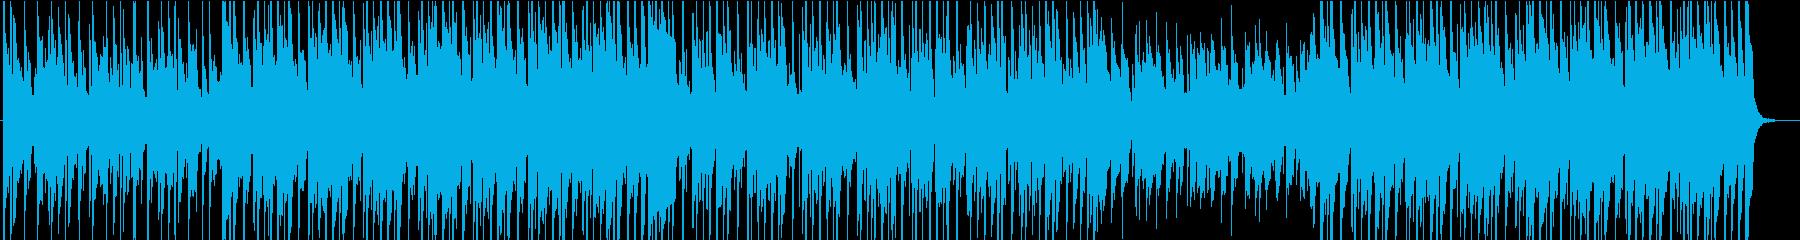 夏 アップテンポ ウクレレの再生済みの波形